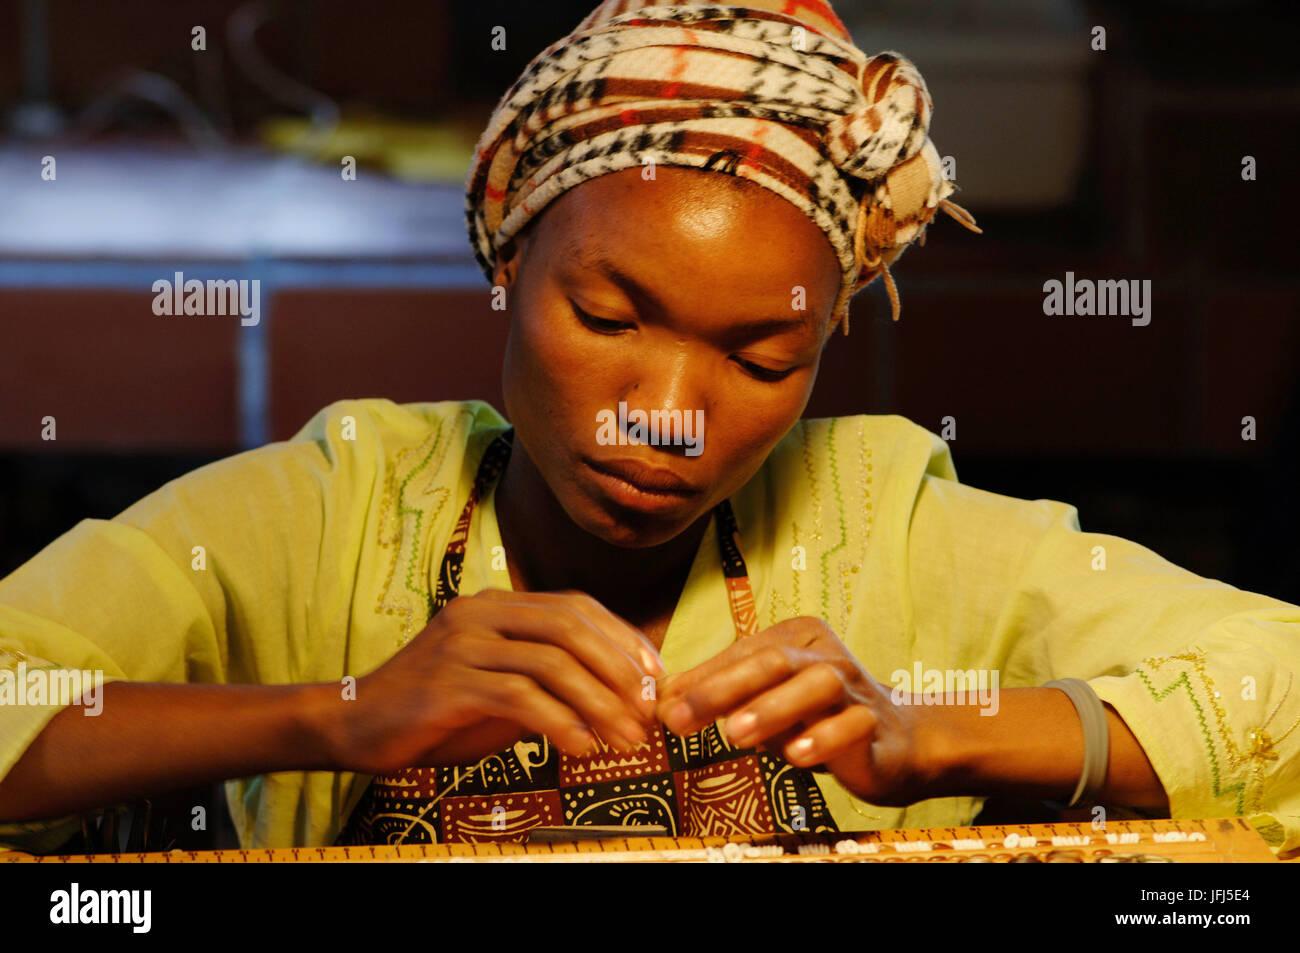 Africa, Namibia, Kiripotib farm of Claudia von Hase, goldsmiths atelier, Damara girl Dora while threading a chain - Stock Image